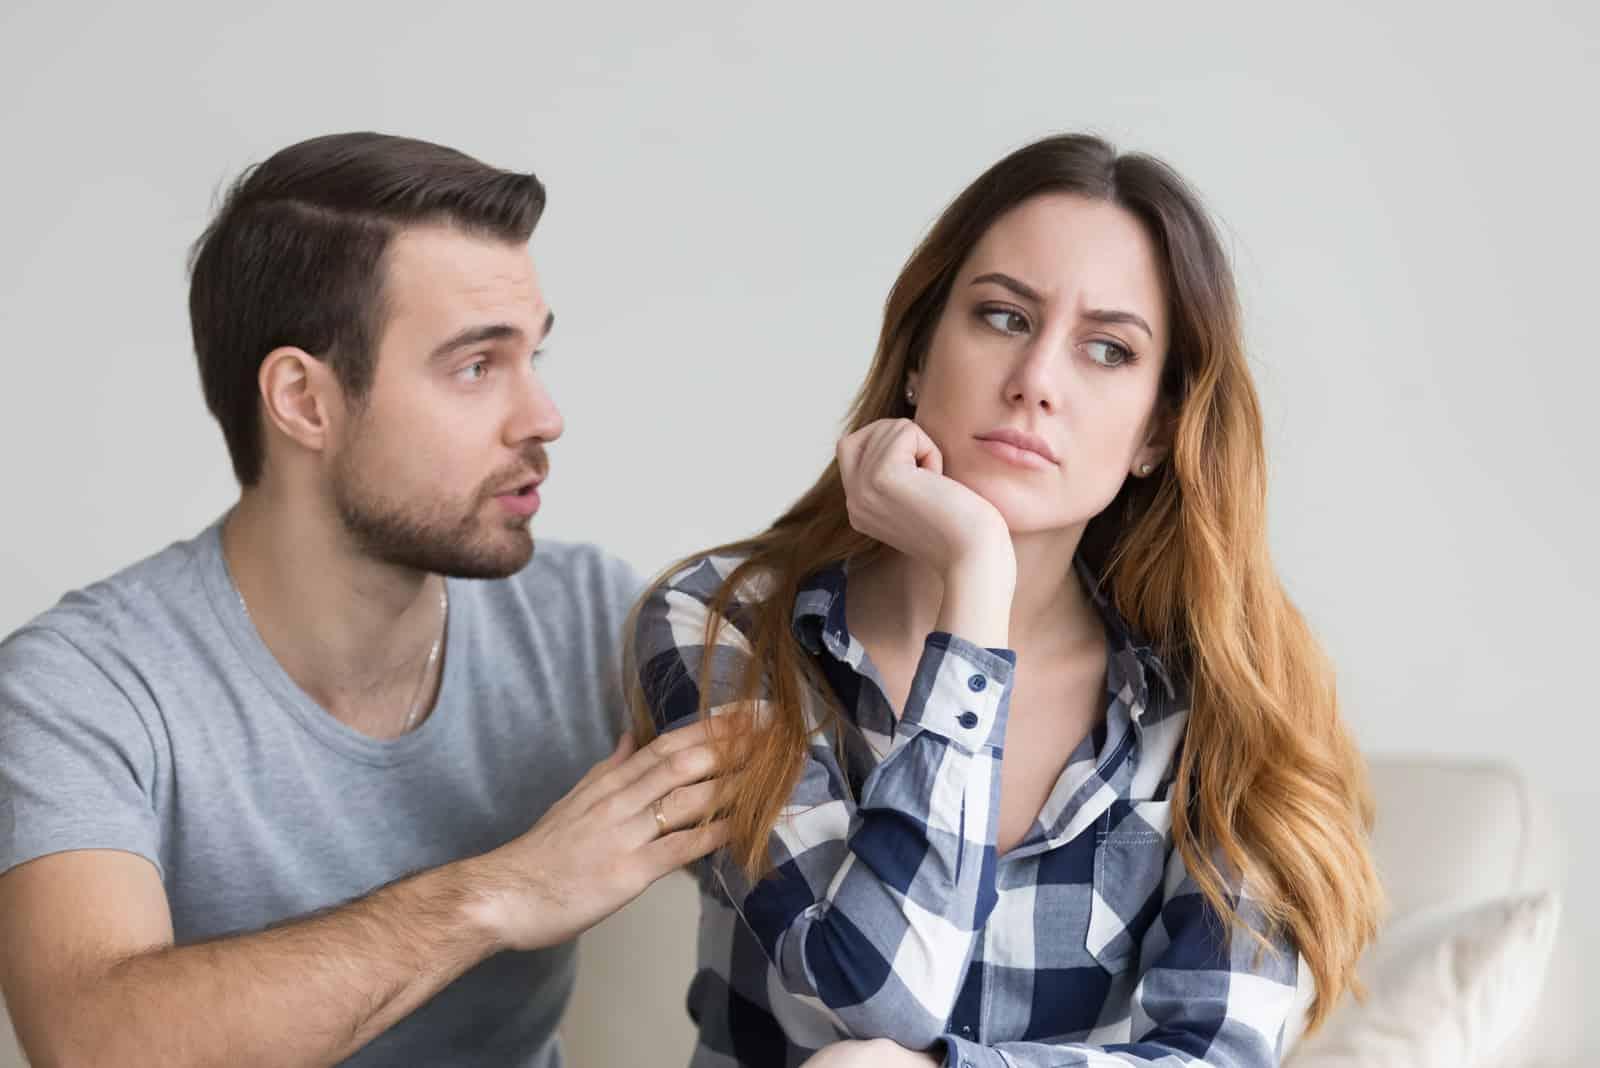 Ein Mann bittet eine wütende Frau